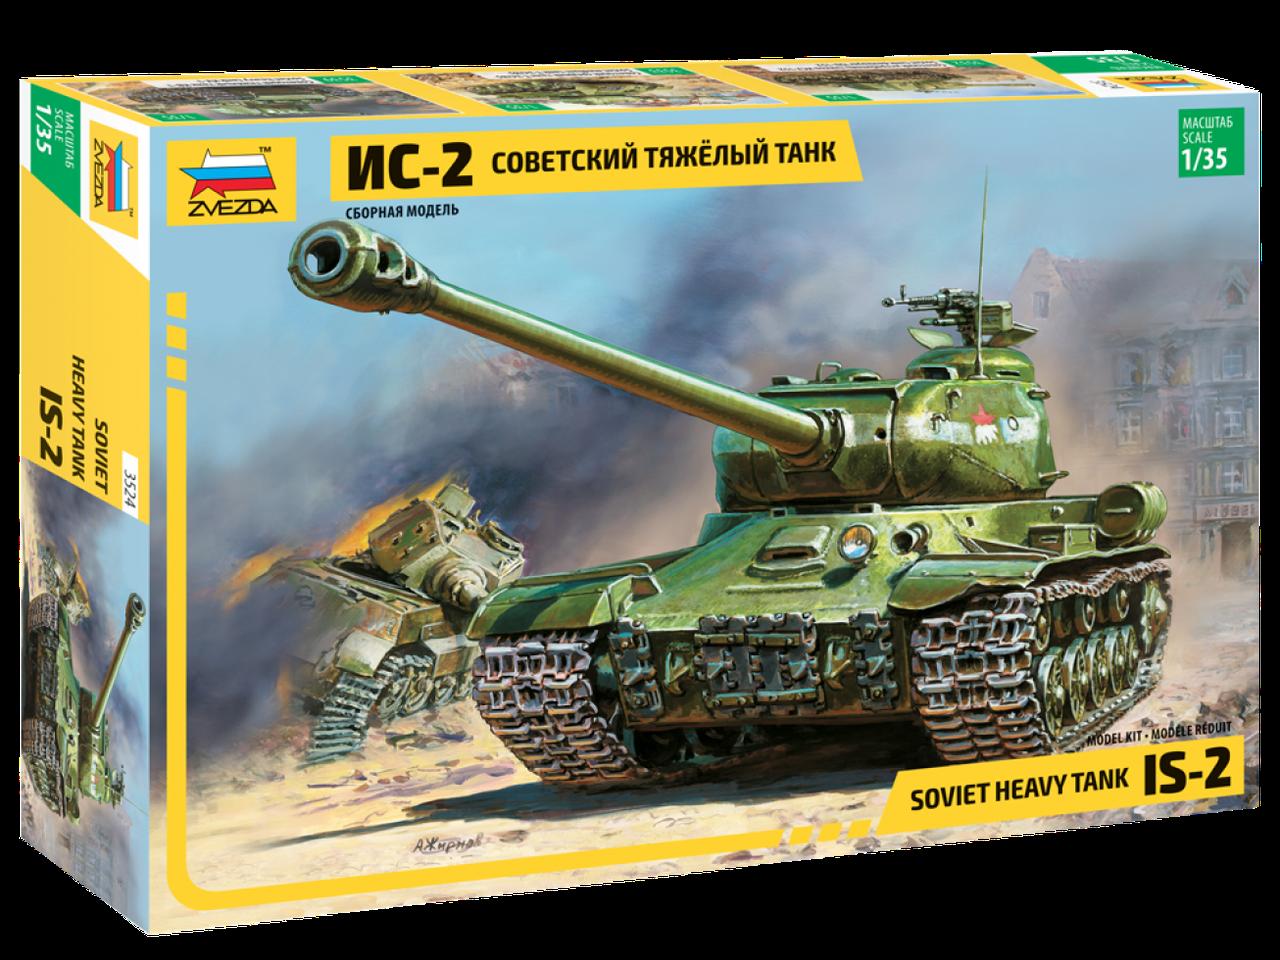 ИС-2 советский тяжелый танк. Сборная модель. 1/35 ZVEZDA 3524